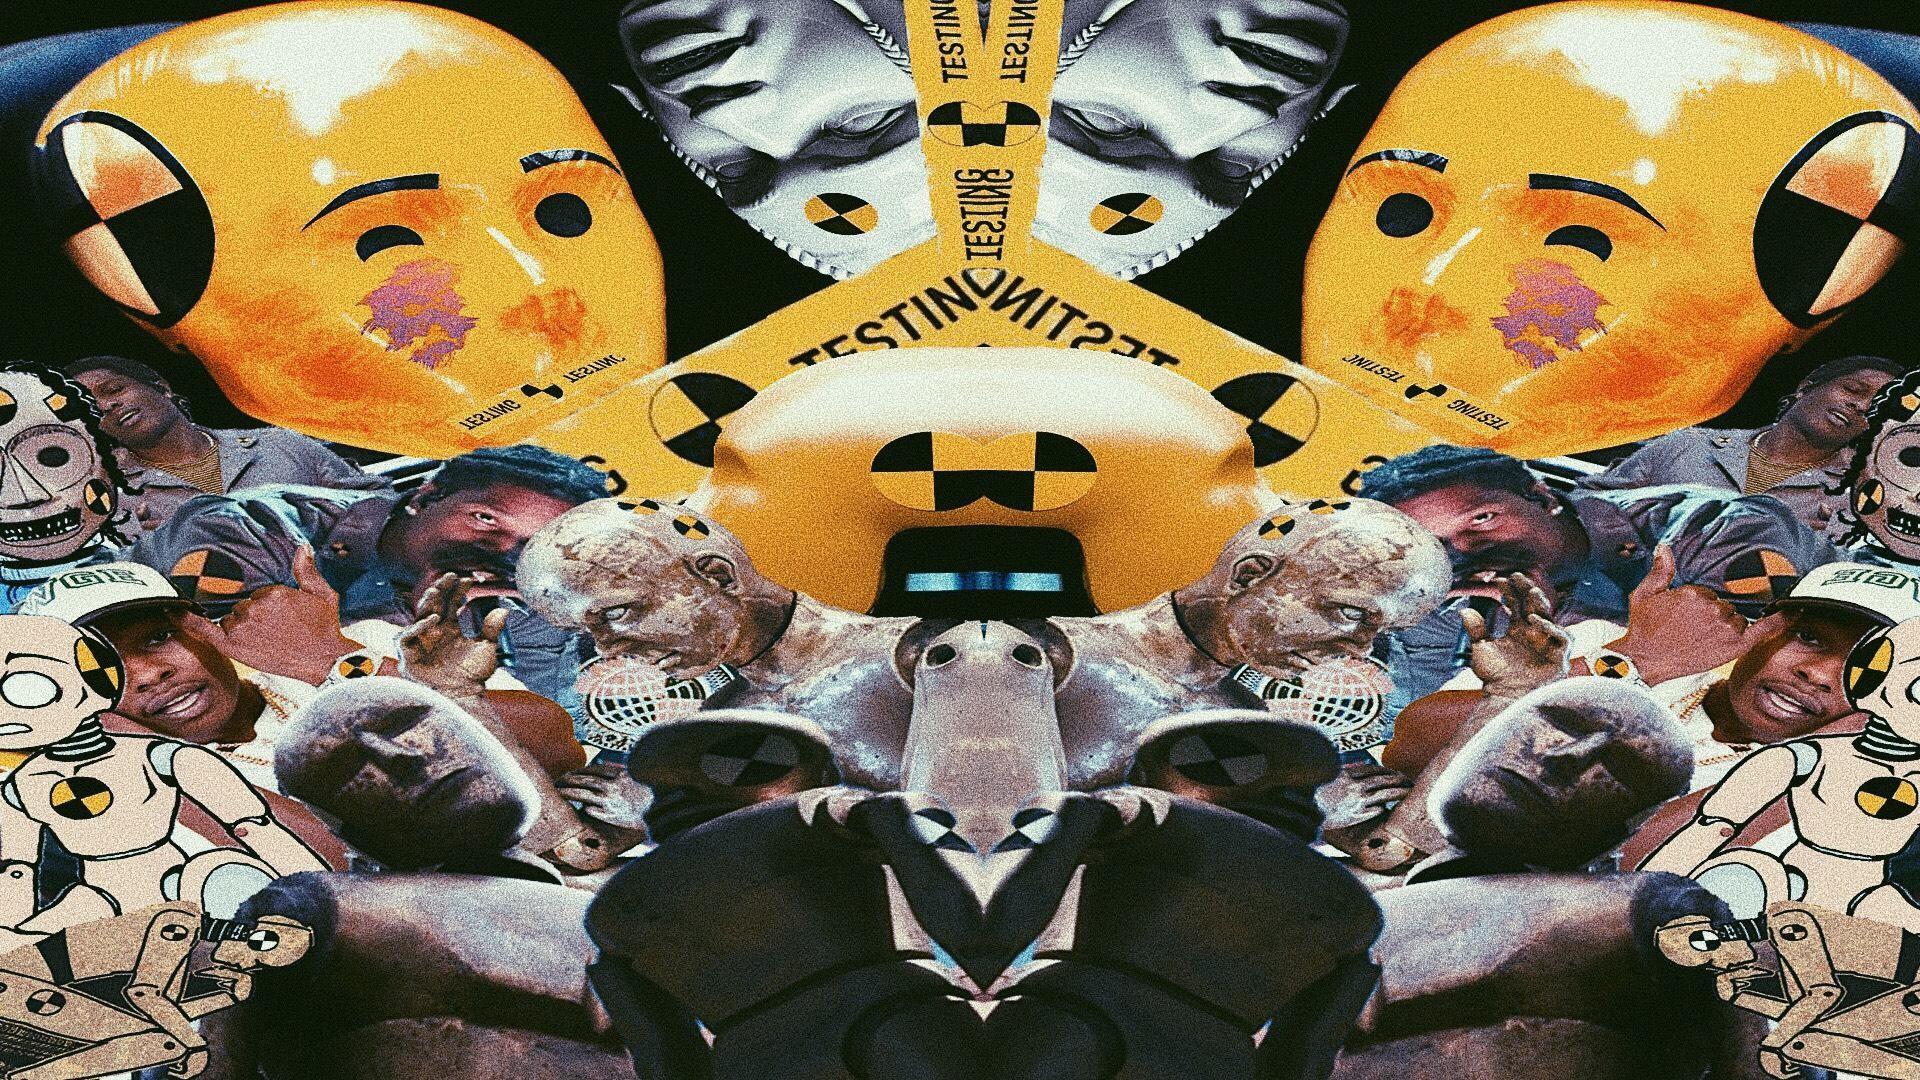 asap mob wallpaper 76 images getwallpapers com